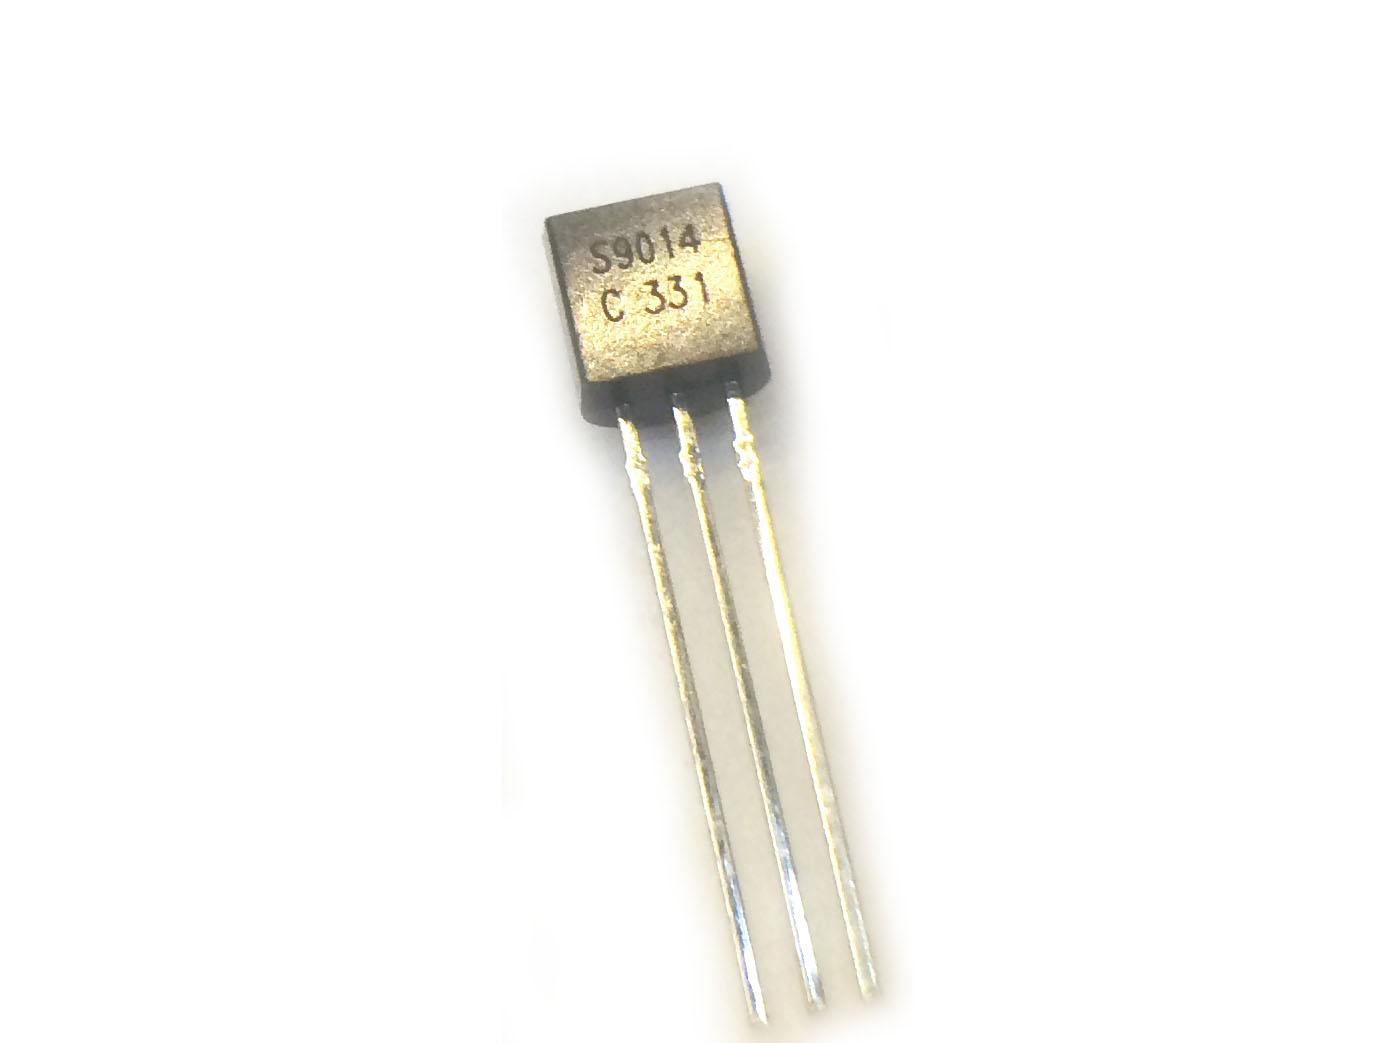 Transistor S9014 NPN - 5 cái